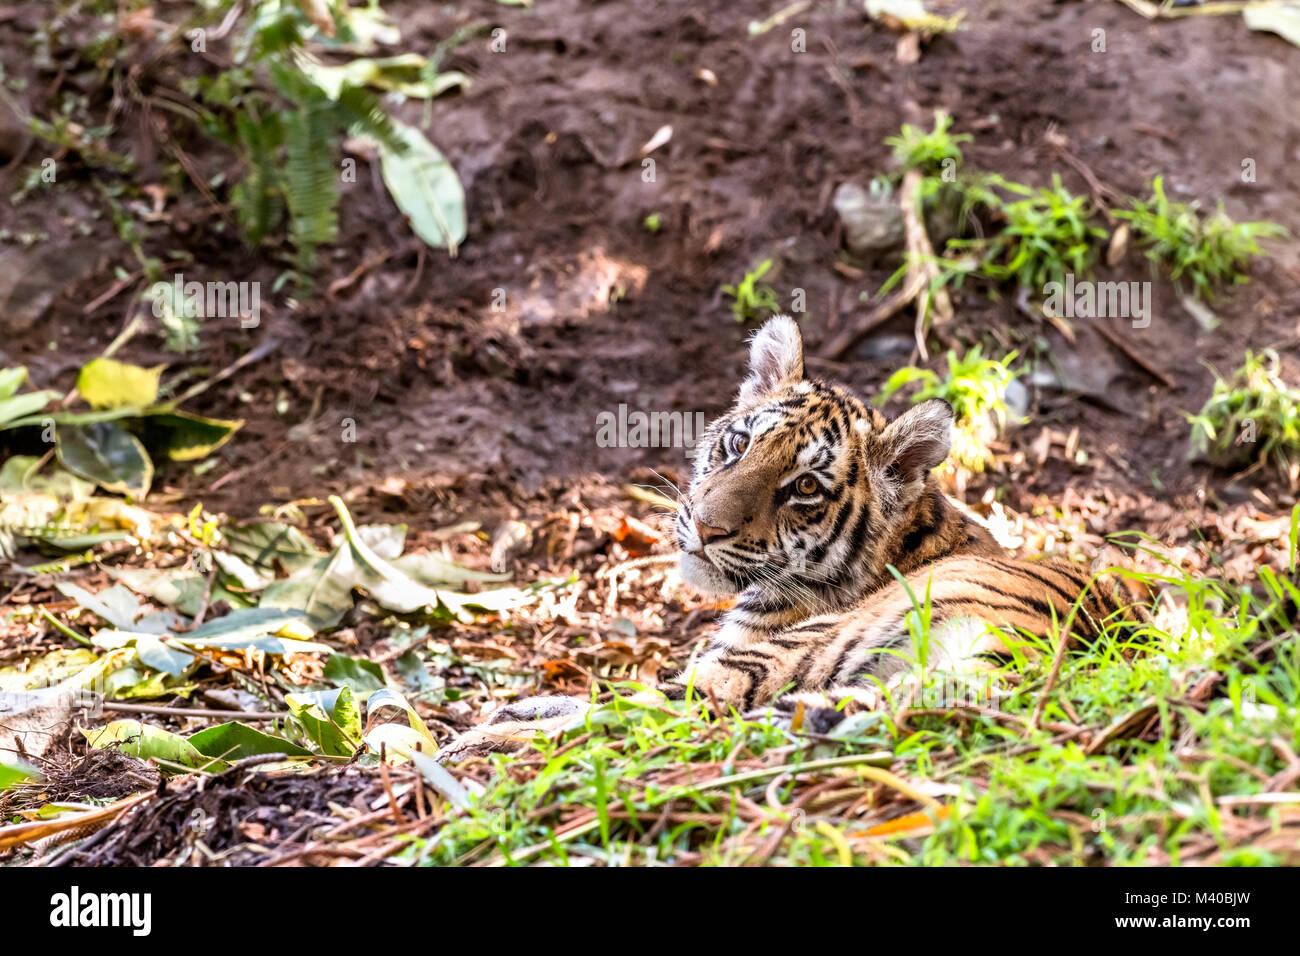 Eine seltene und leistungsstarke Sumatra Tiger liegt in einem schattigen Bereich während einer Safari Stockbild